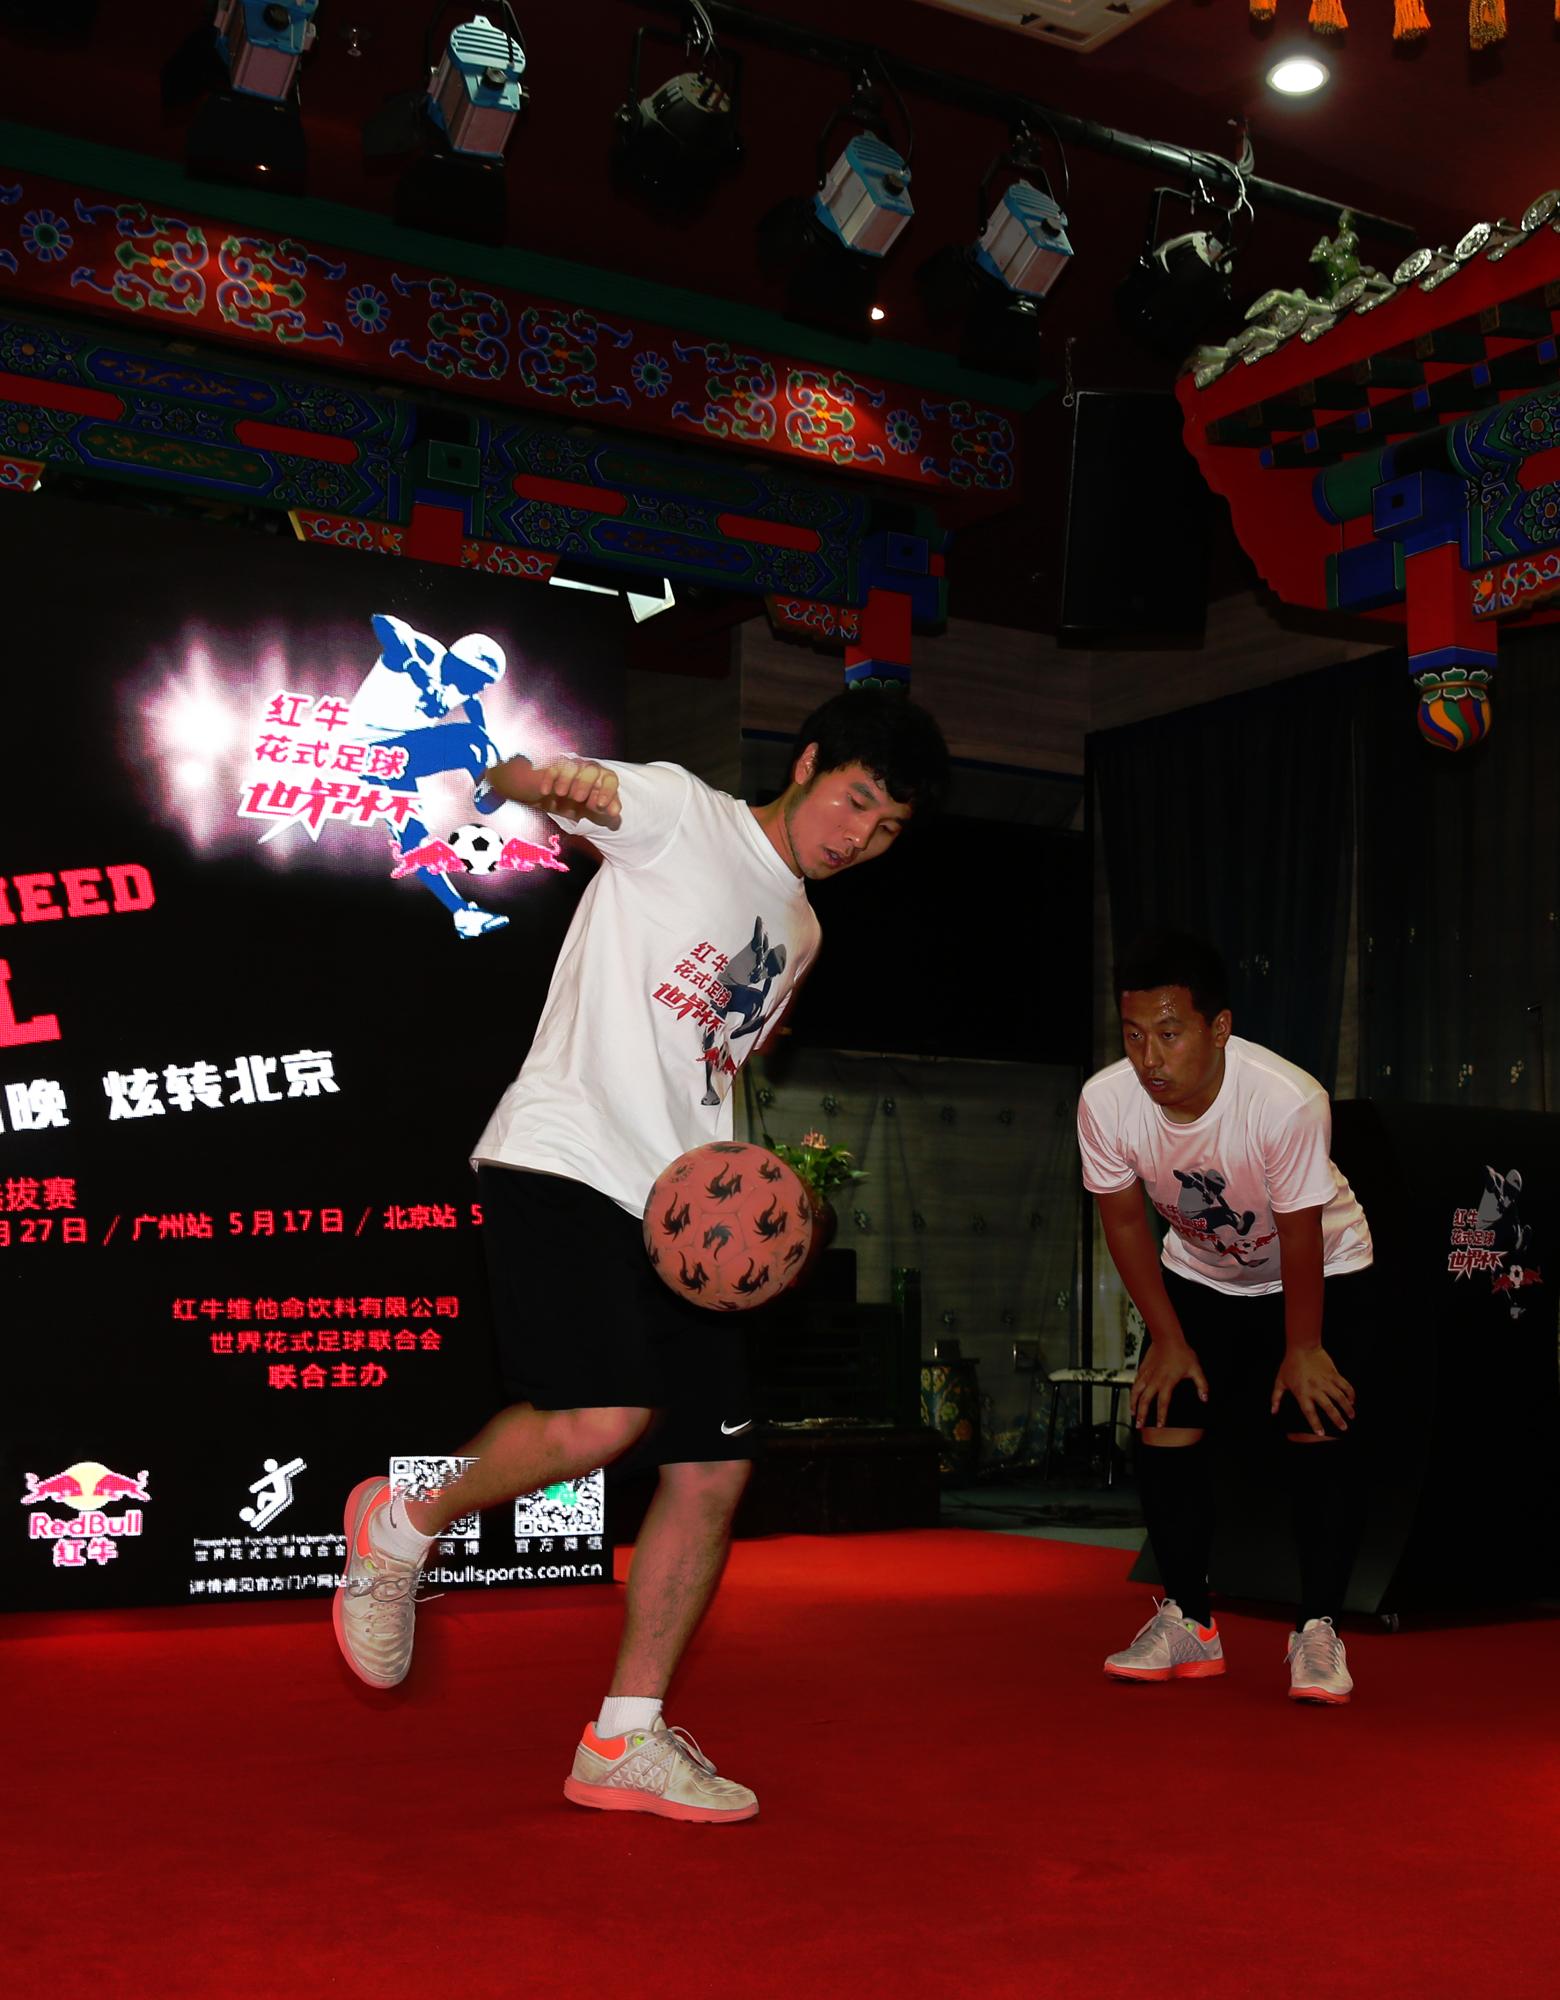 红牛花式足球世界杯启动街头足球炫风来袭图片